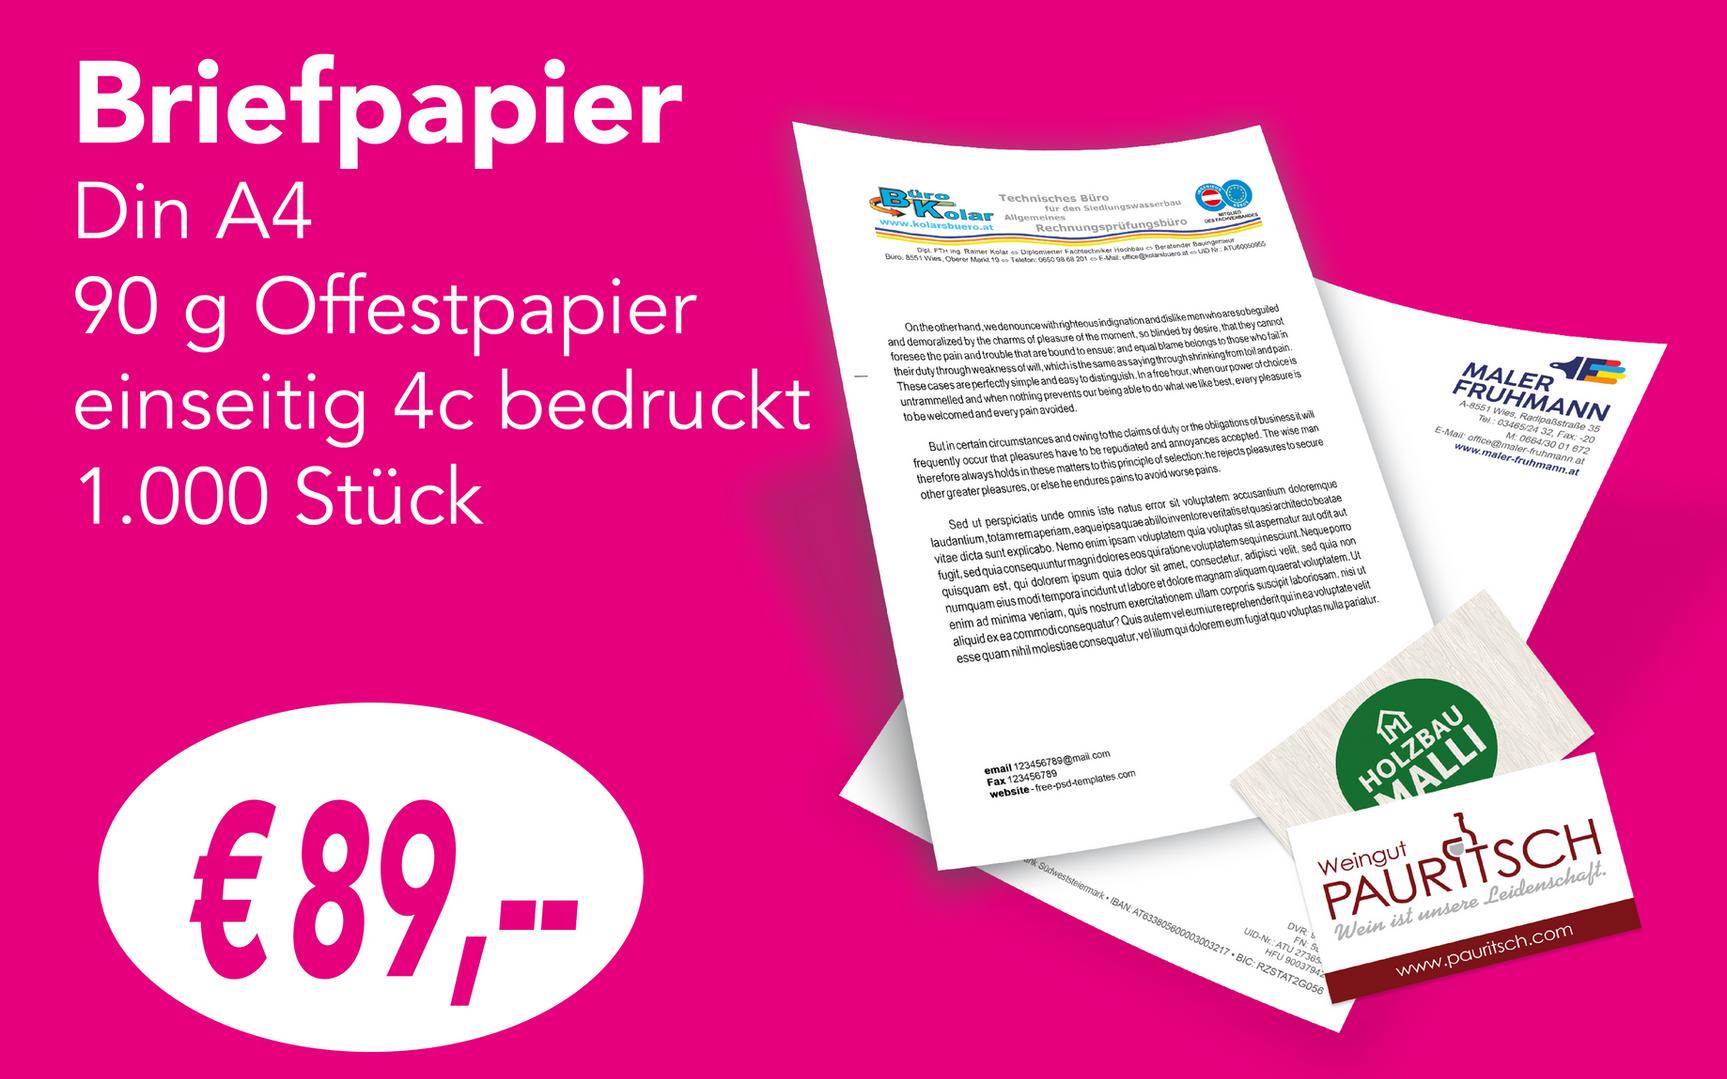 Breifpapier.png